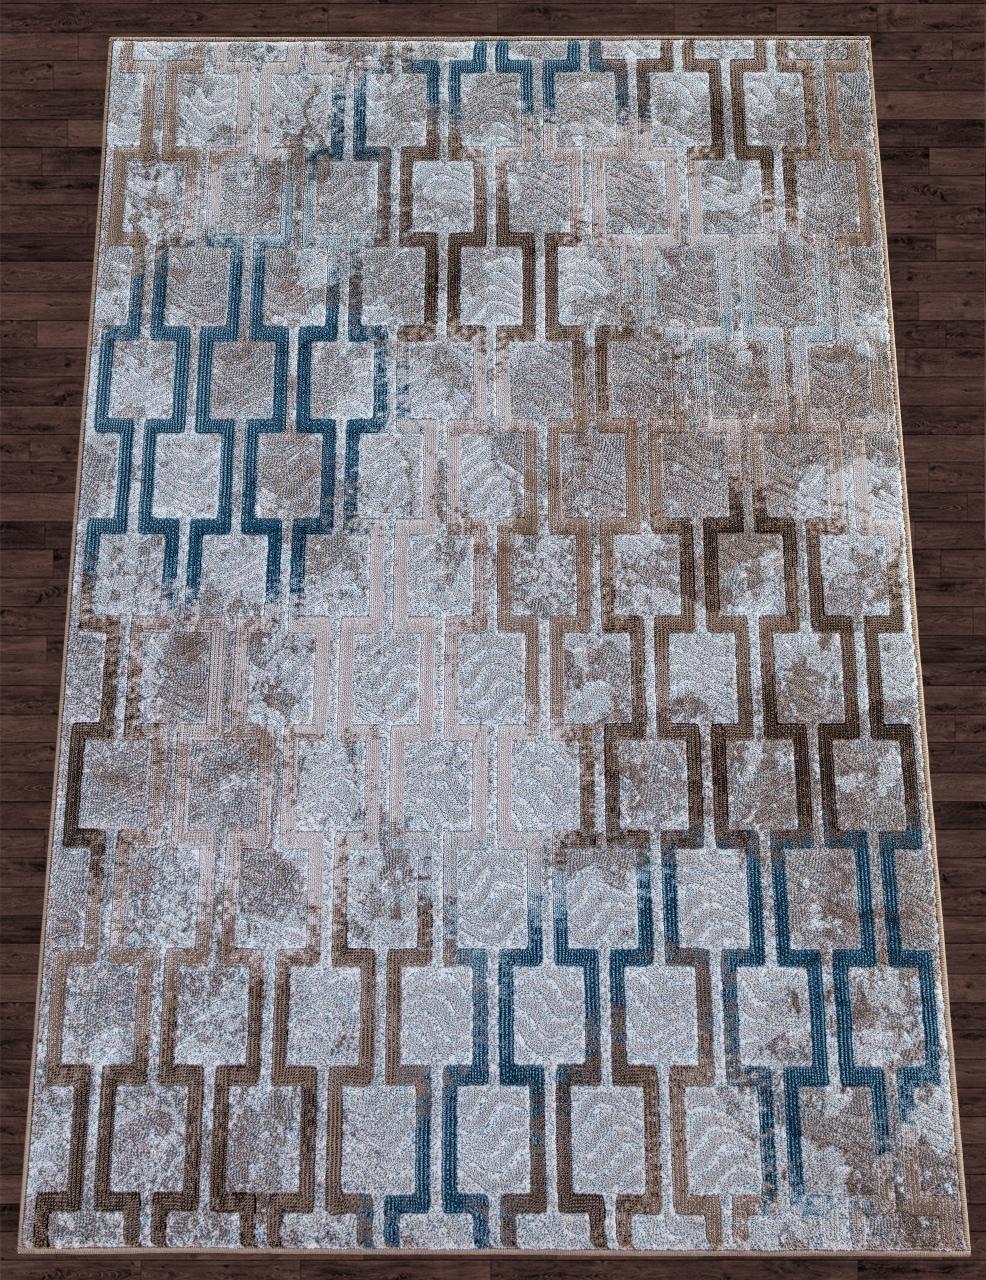 Ковер D591 - CREAM-BLUE - Прямоугольник - коллекция MATRIX - фото 1